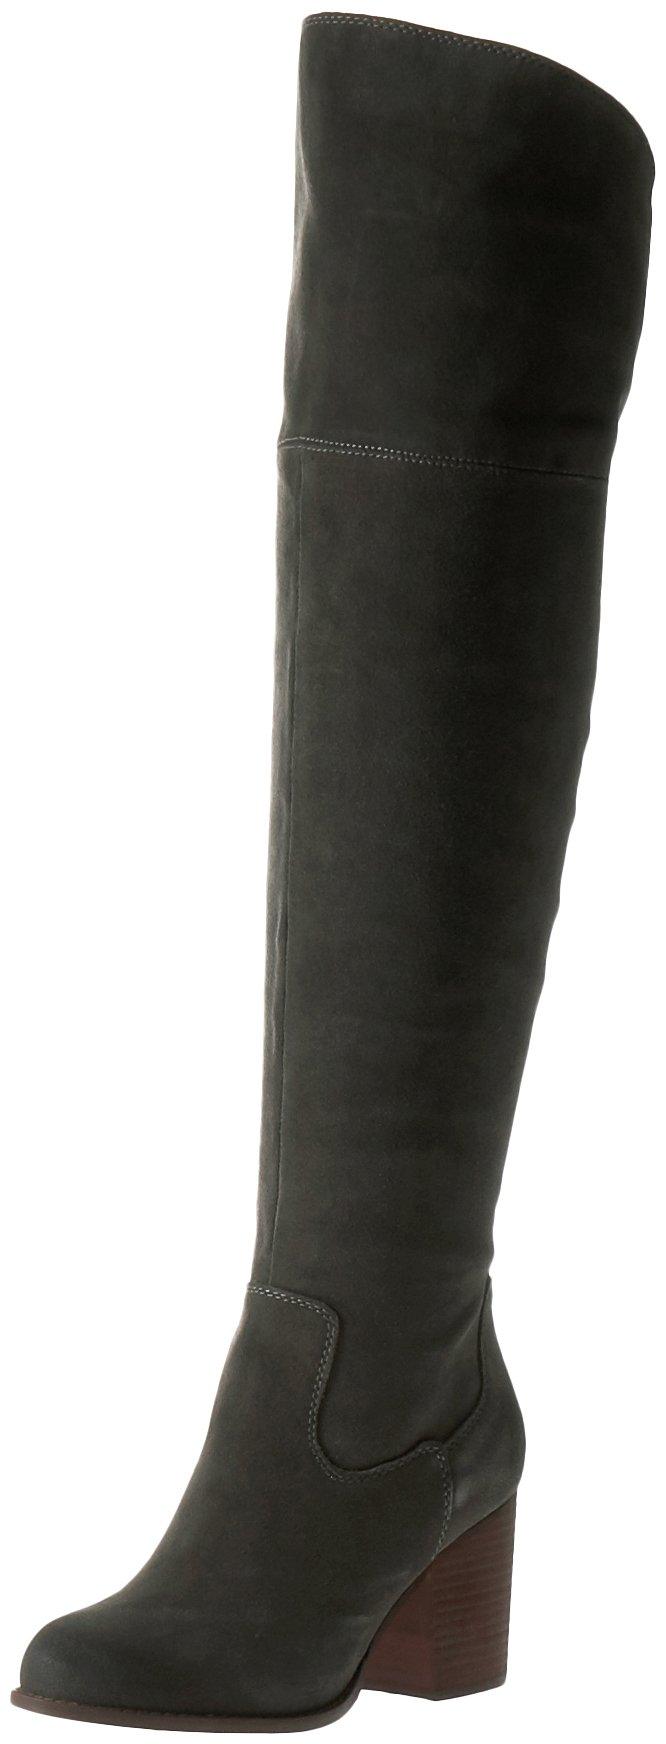 Splendid Women's Spl-Loretta Slouch Boot, Smoke, 7.5 M US by Splendid